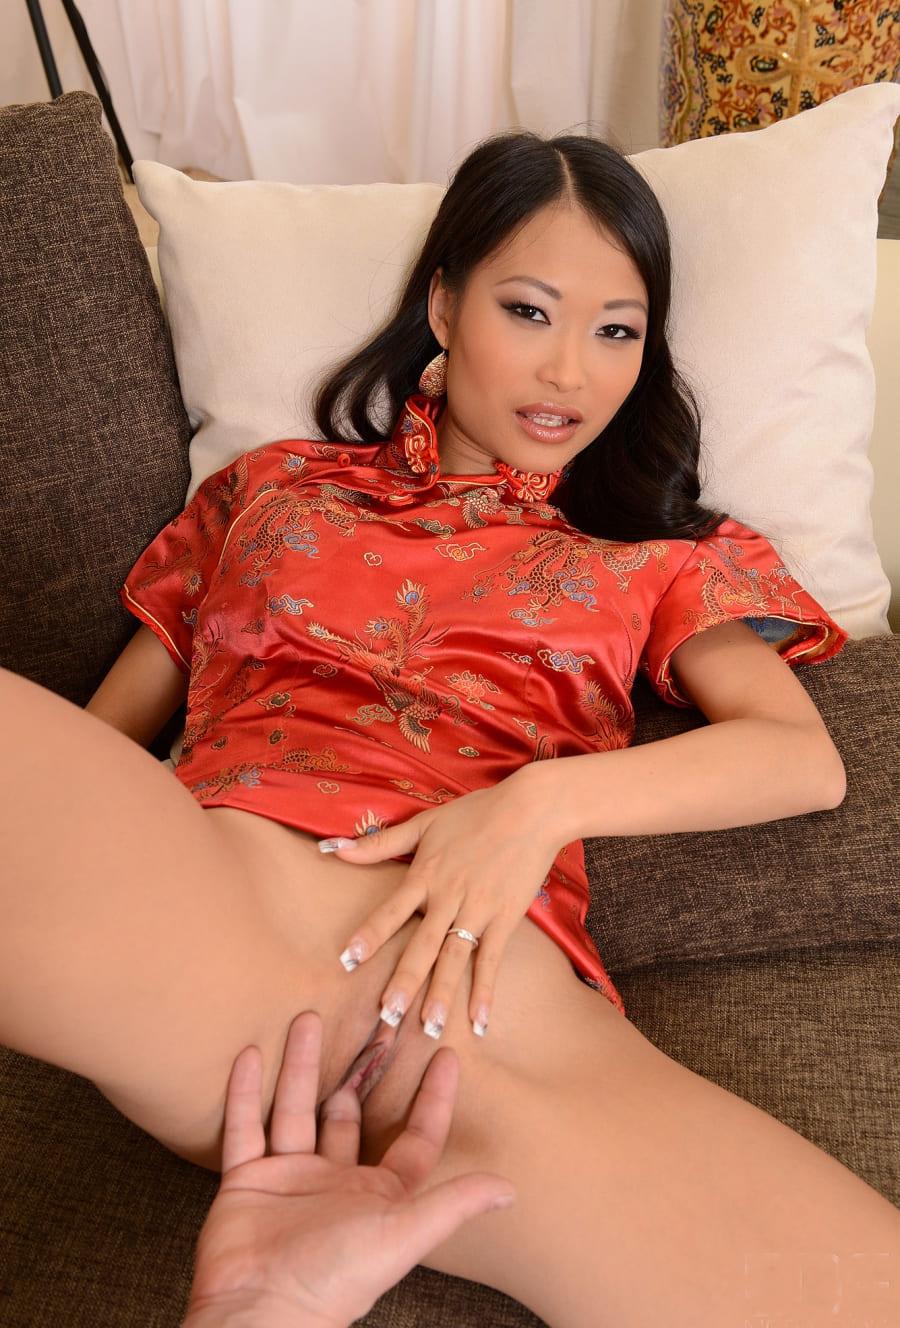 пизда азиатки красивой девушки с французским маникюром, ярким макияжем, лежит на диване в задранной яркой кофточке раздвинула ноги, мужская рука мастурбирует влагалище